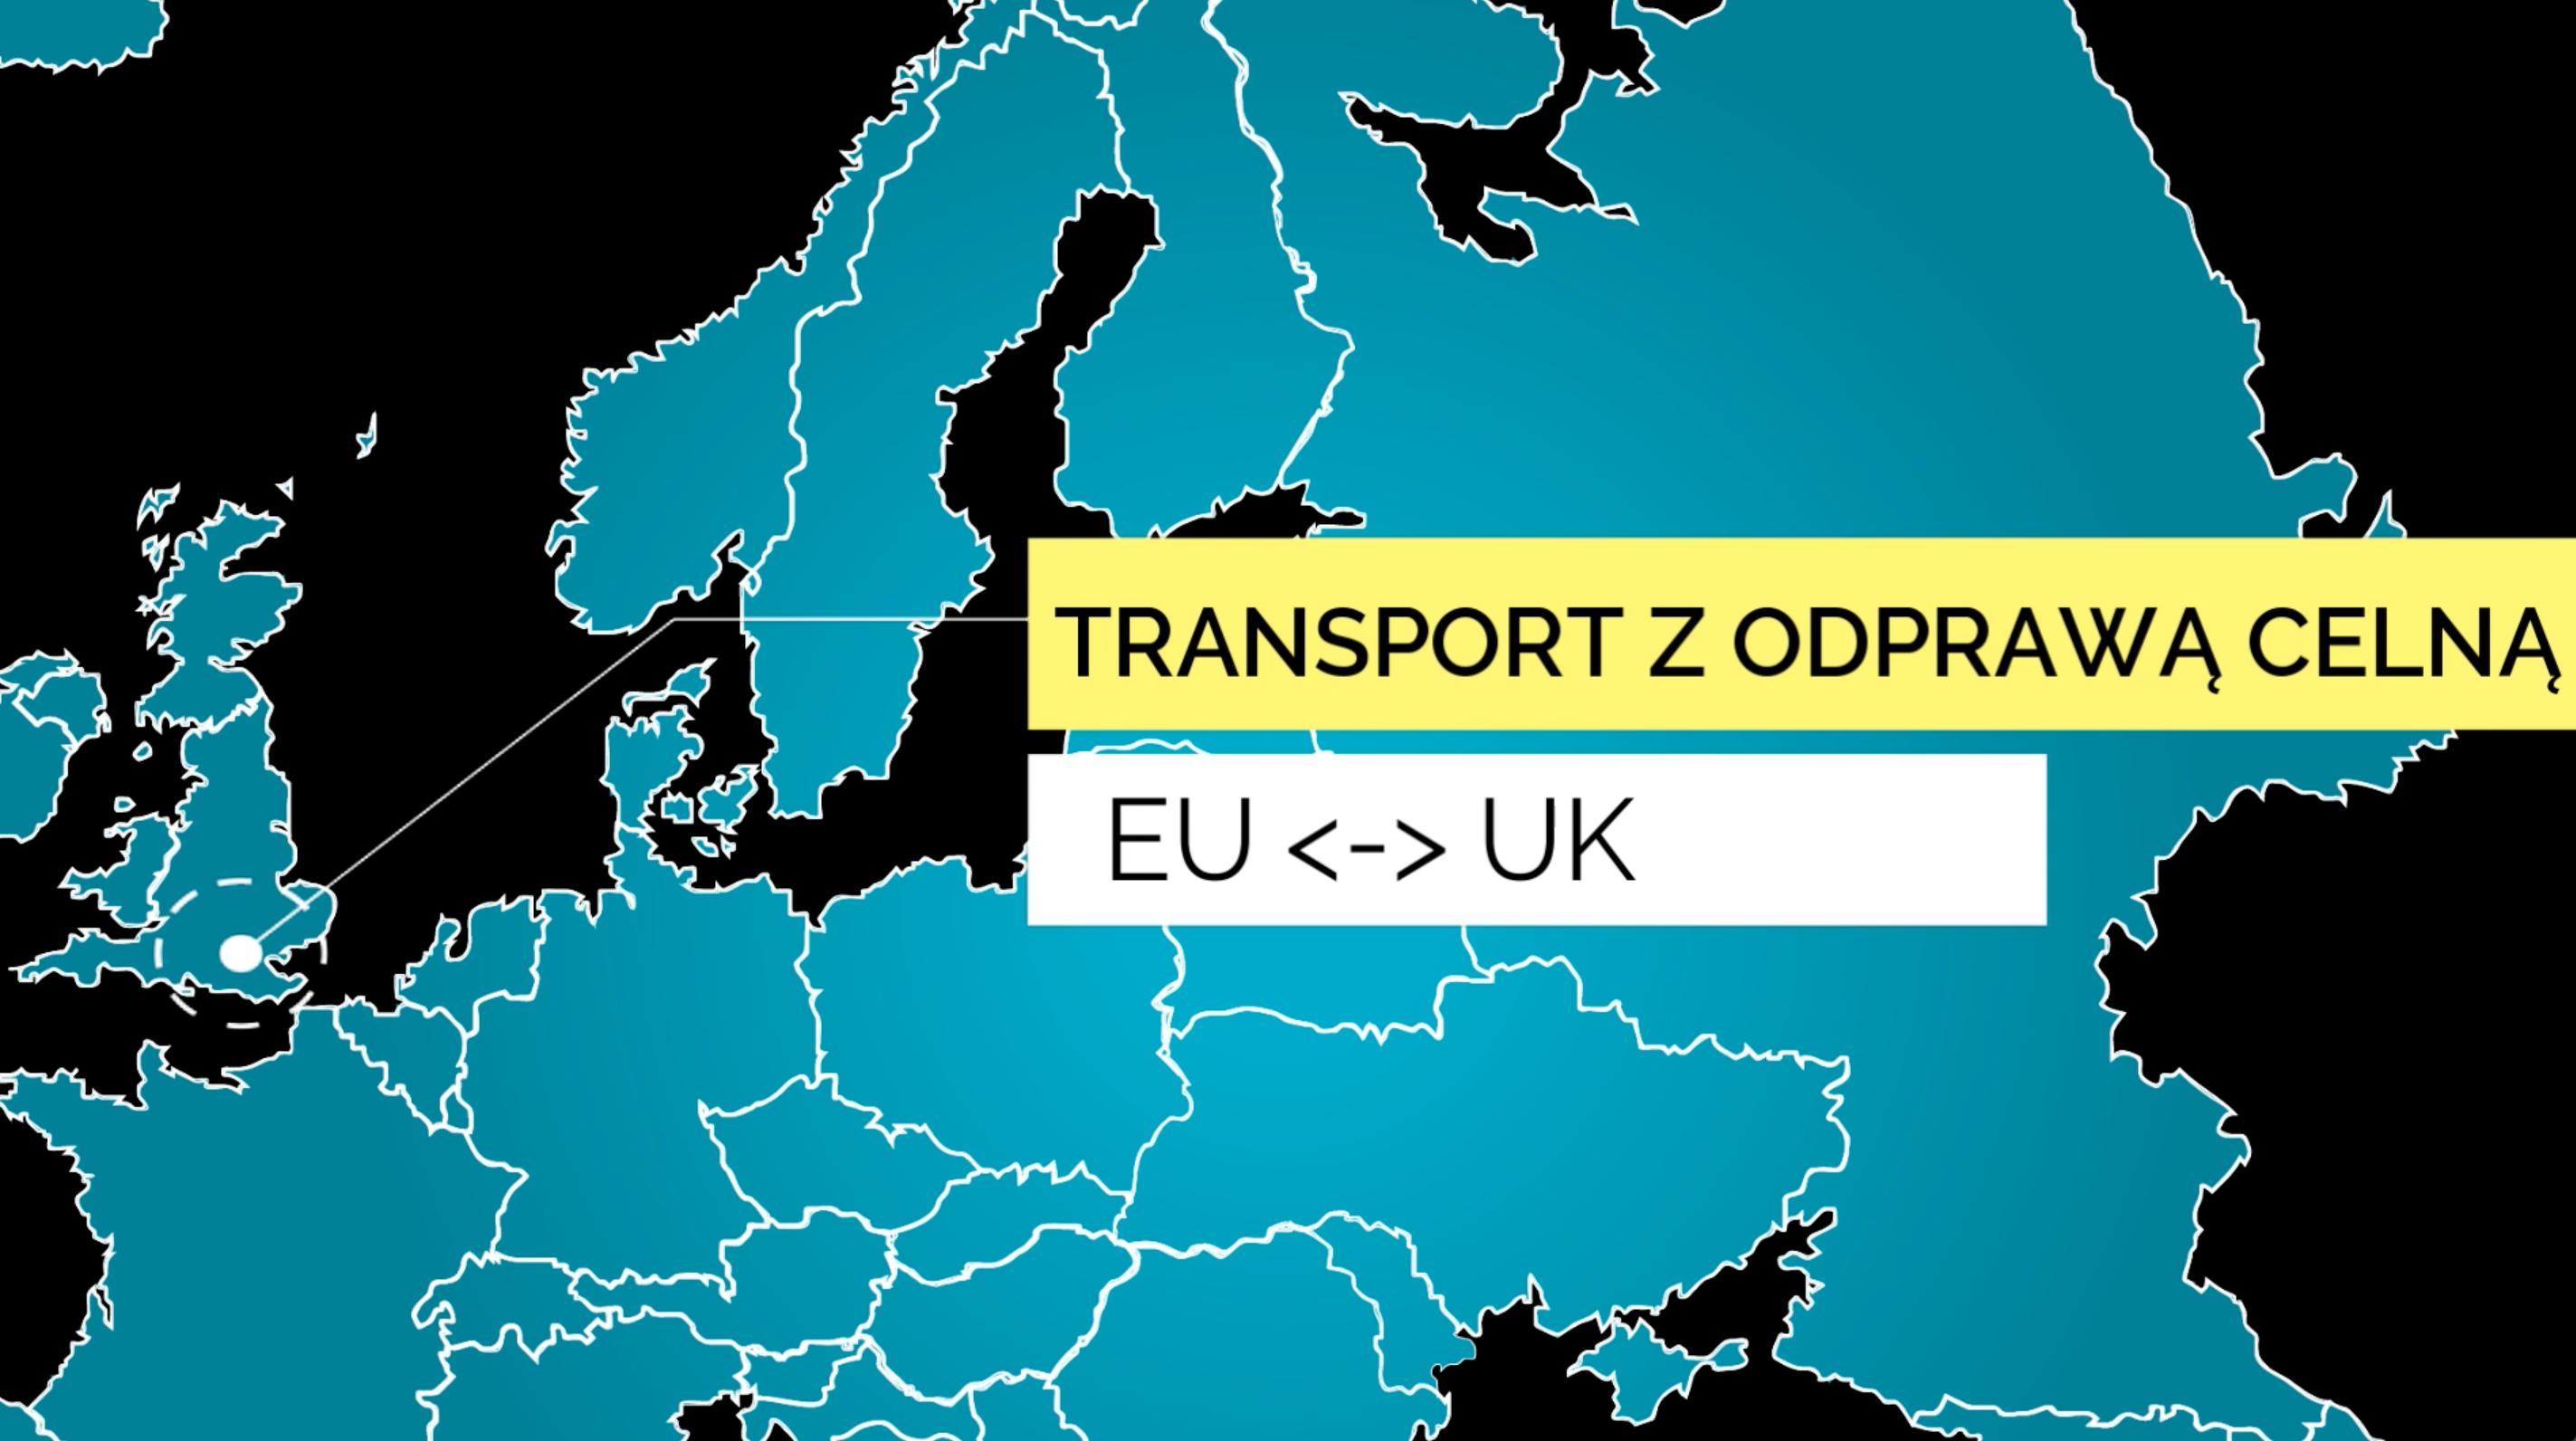 Transport towarów z odprawą celną między UK a UE, czyli brexit w praktyce